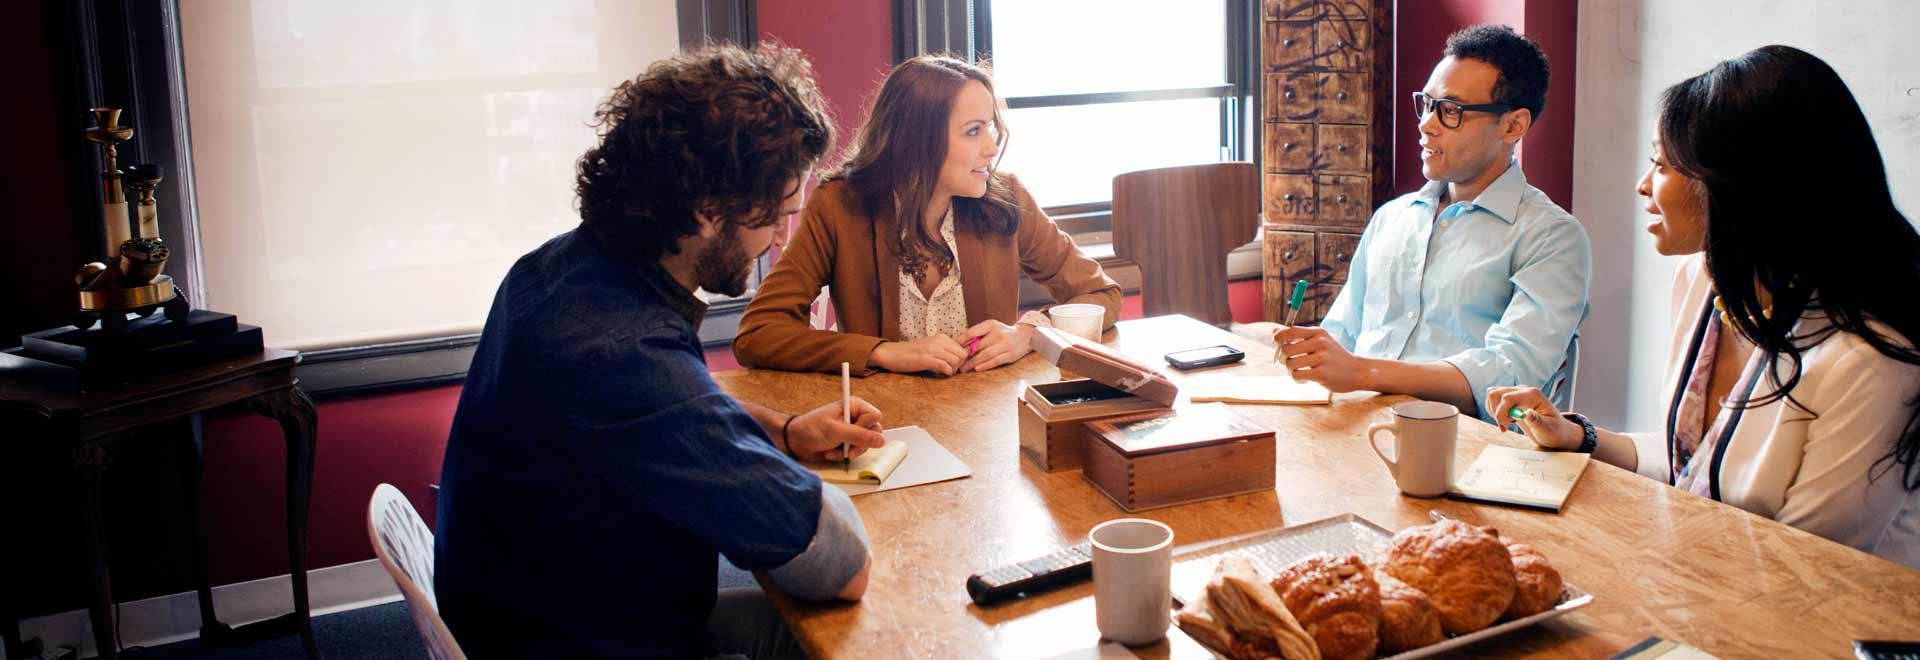 Quatre personnes dans un bureau travaillant avec Office365 Entreprise E3.